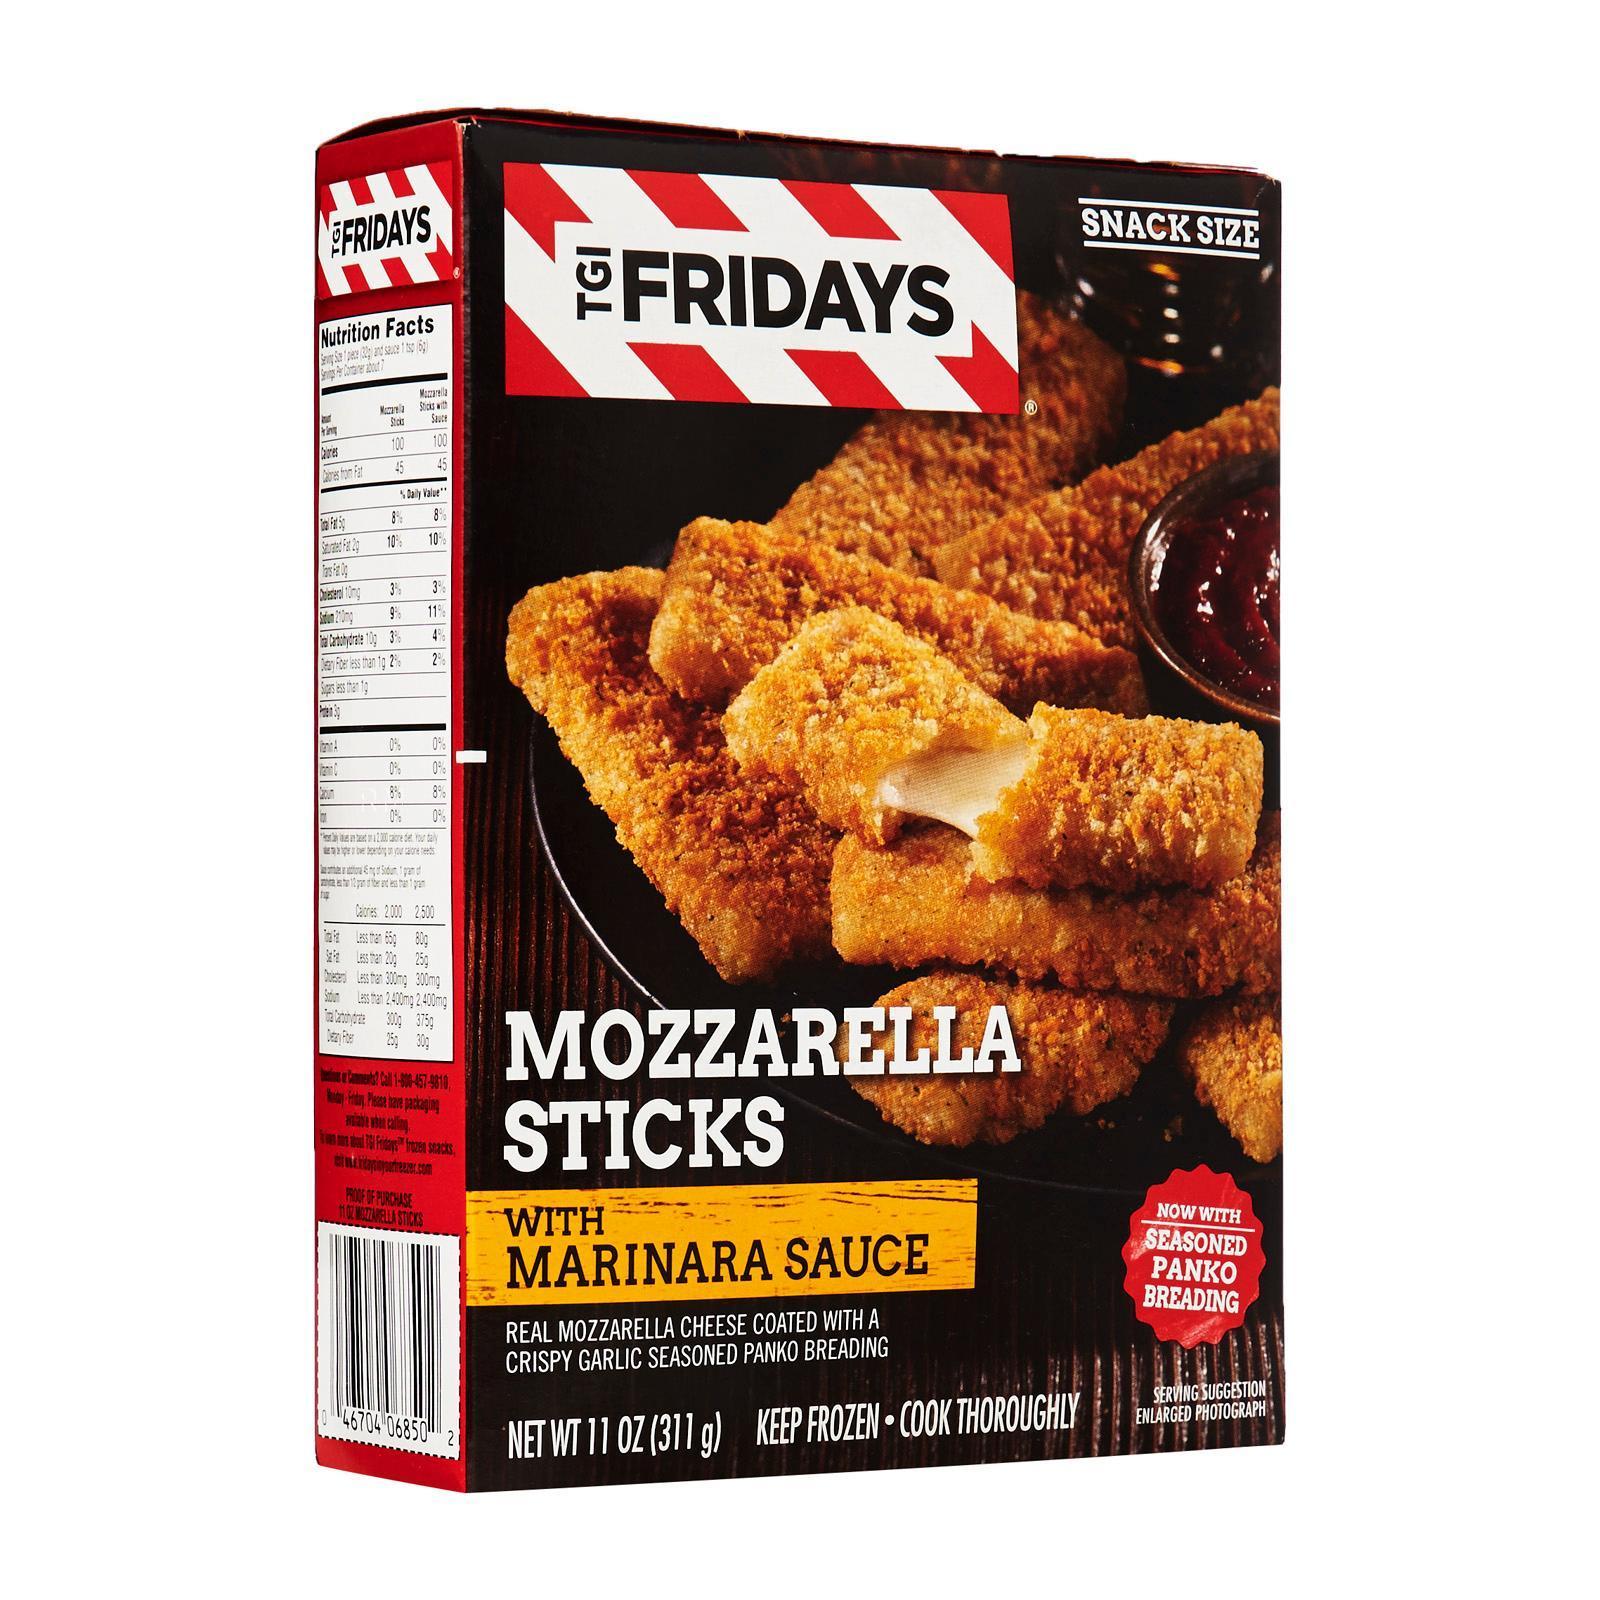 T.G.I.Friday's Mozzarella Sticks - Frozen